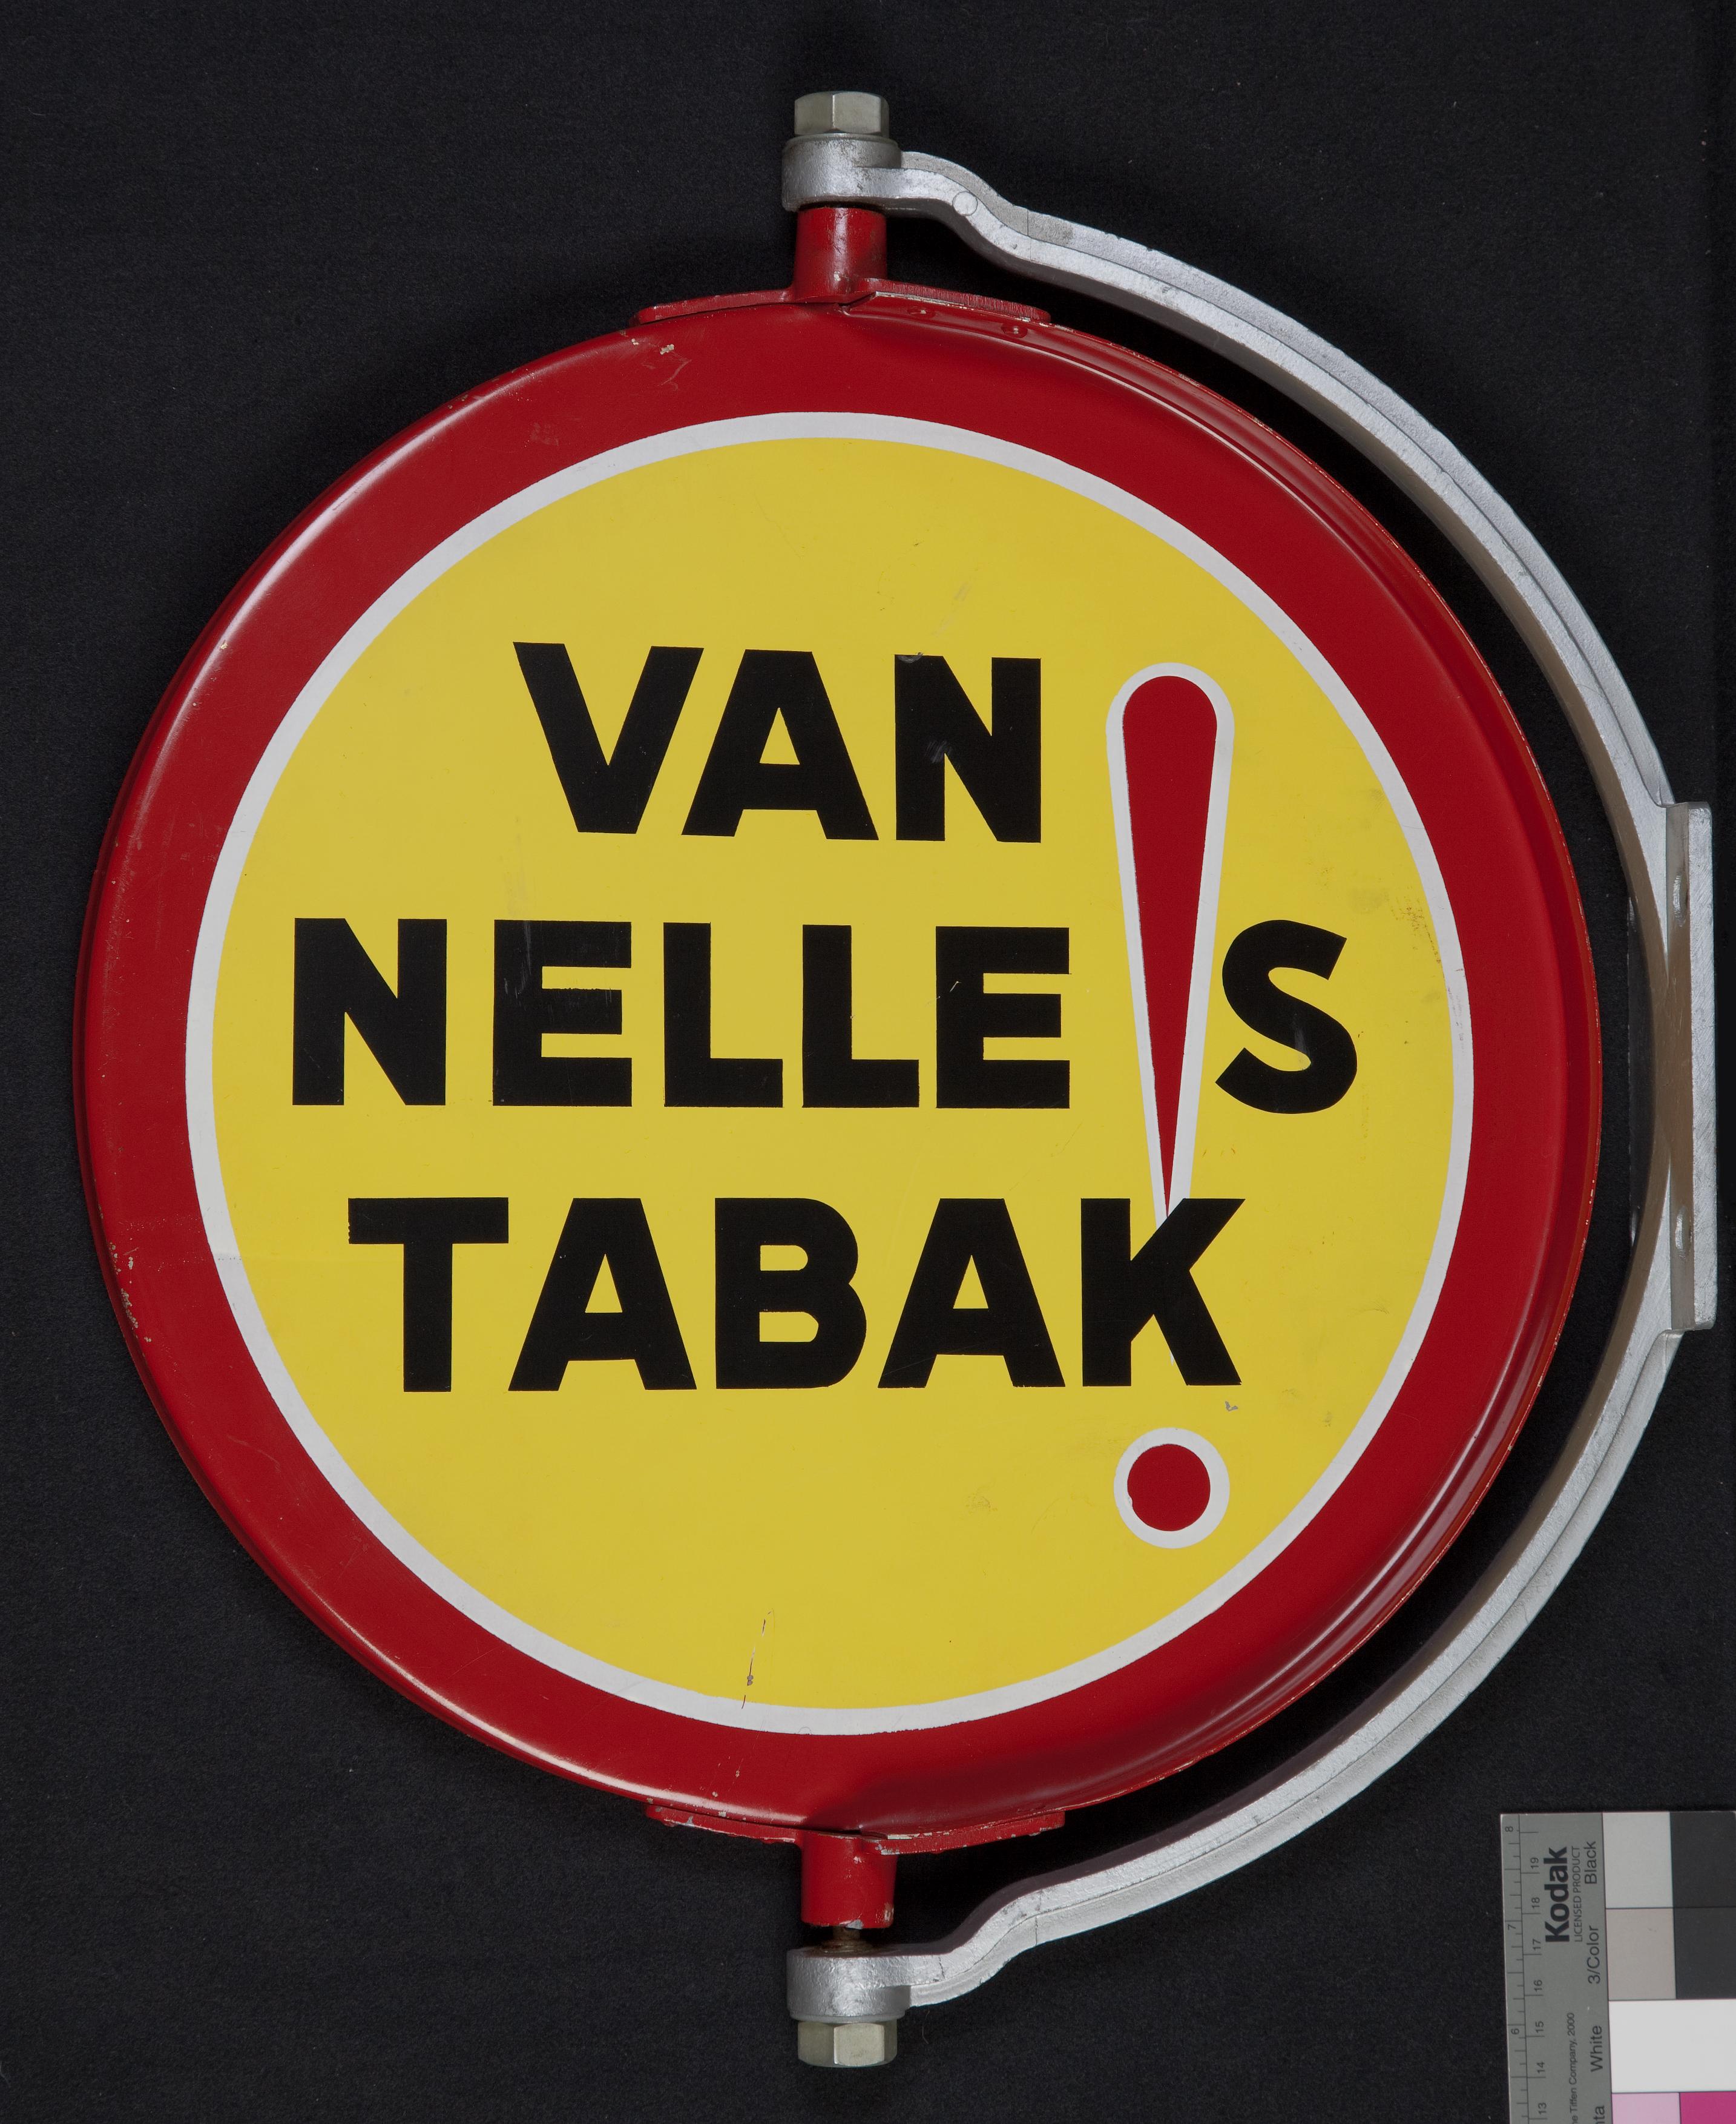 """Roterend emaille reclamebord """"VAN NELLE!S TABAK"""", geel met rode rand en rood uitroepteken"""